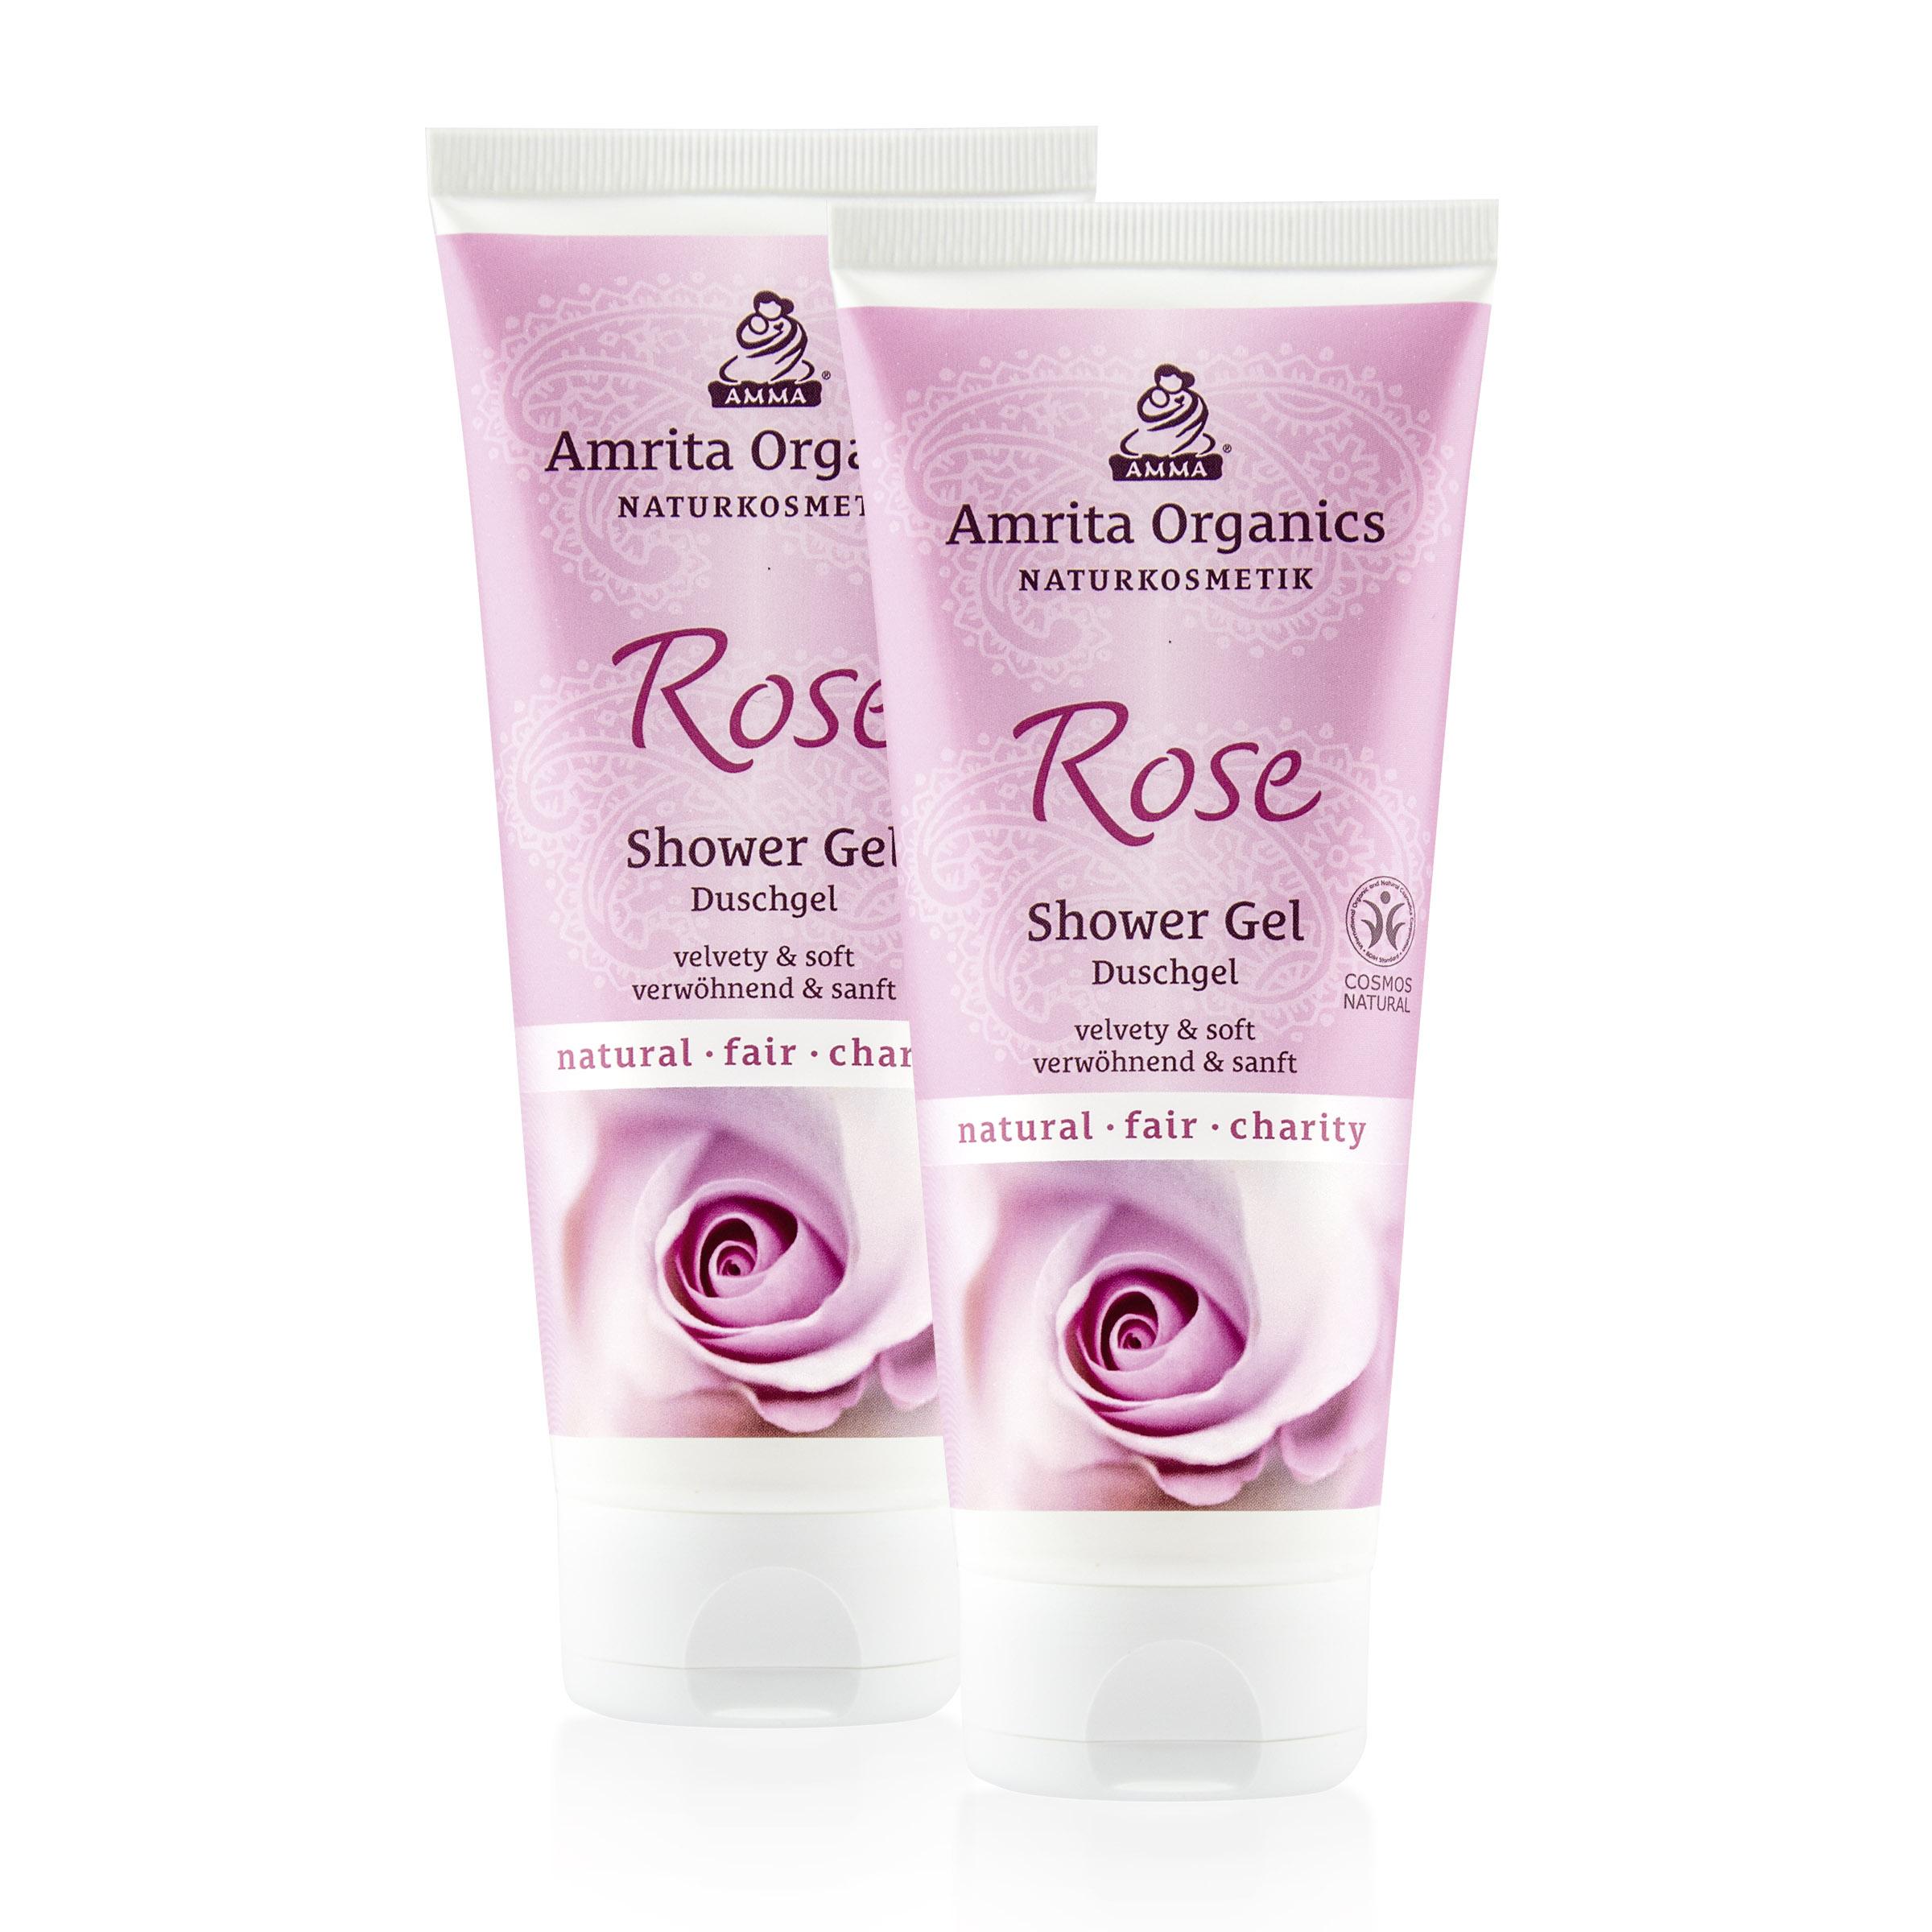 Duschgel Rose